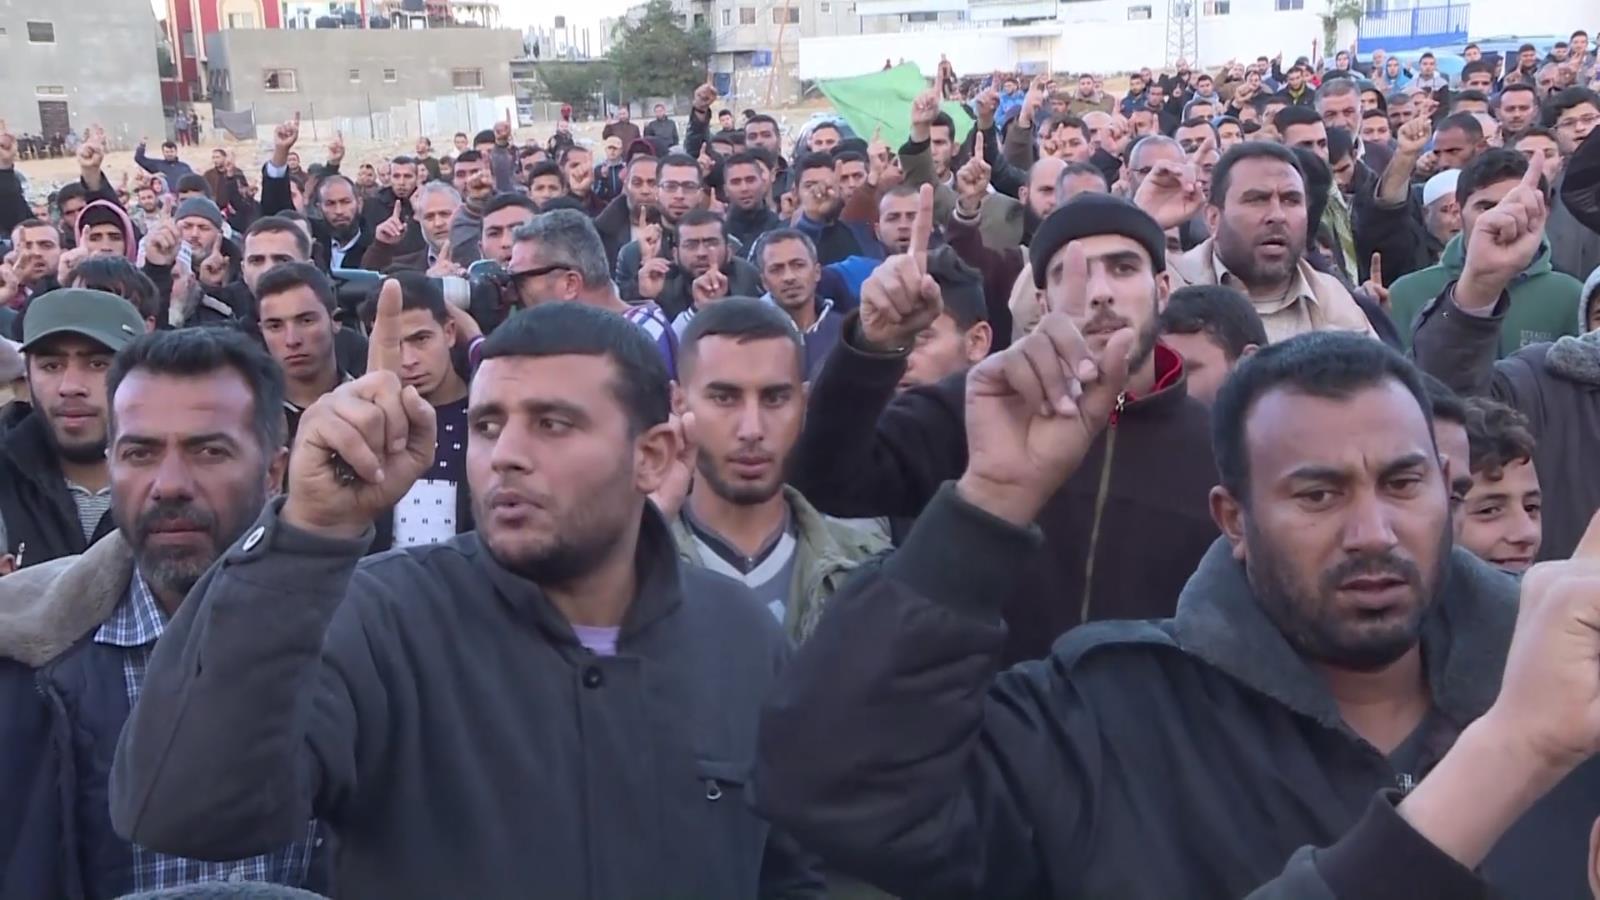 Ngọn lửa biểu tình bùng cháy khắp Bờ Tây và dải Gaza sau quyết định của Tổng thống Trump  - Ảnh 3